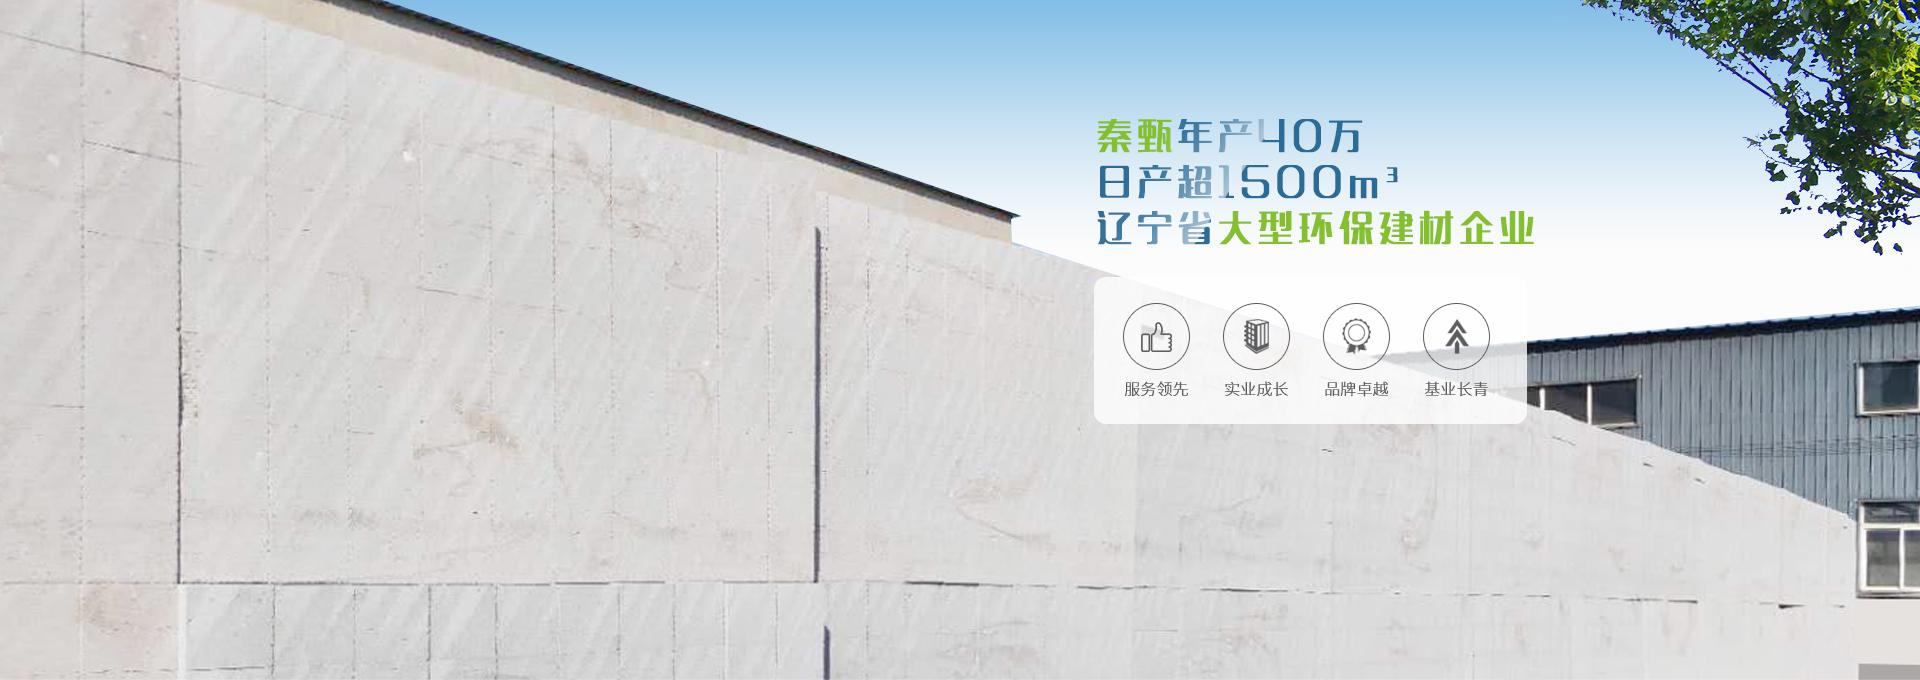 砂雷竞技app下载雷竞技竞猜